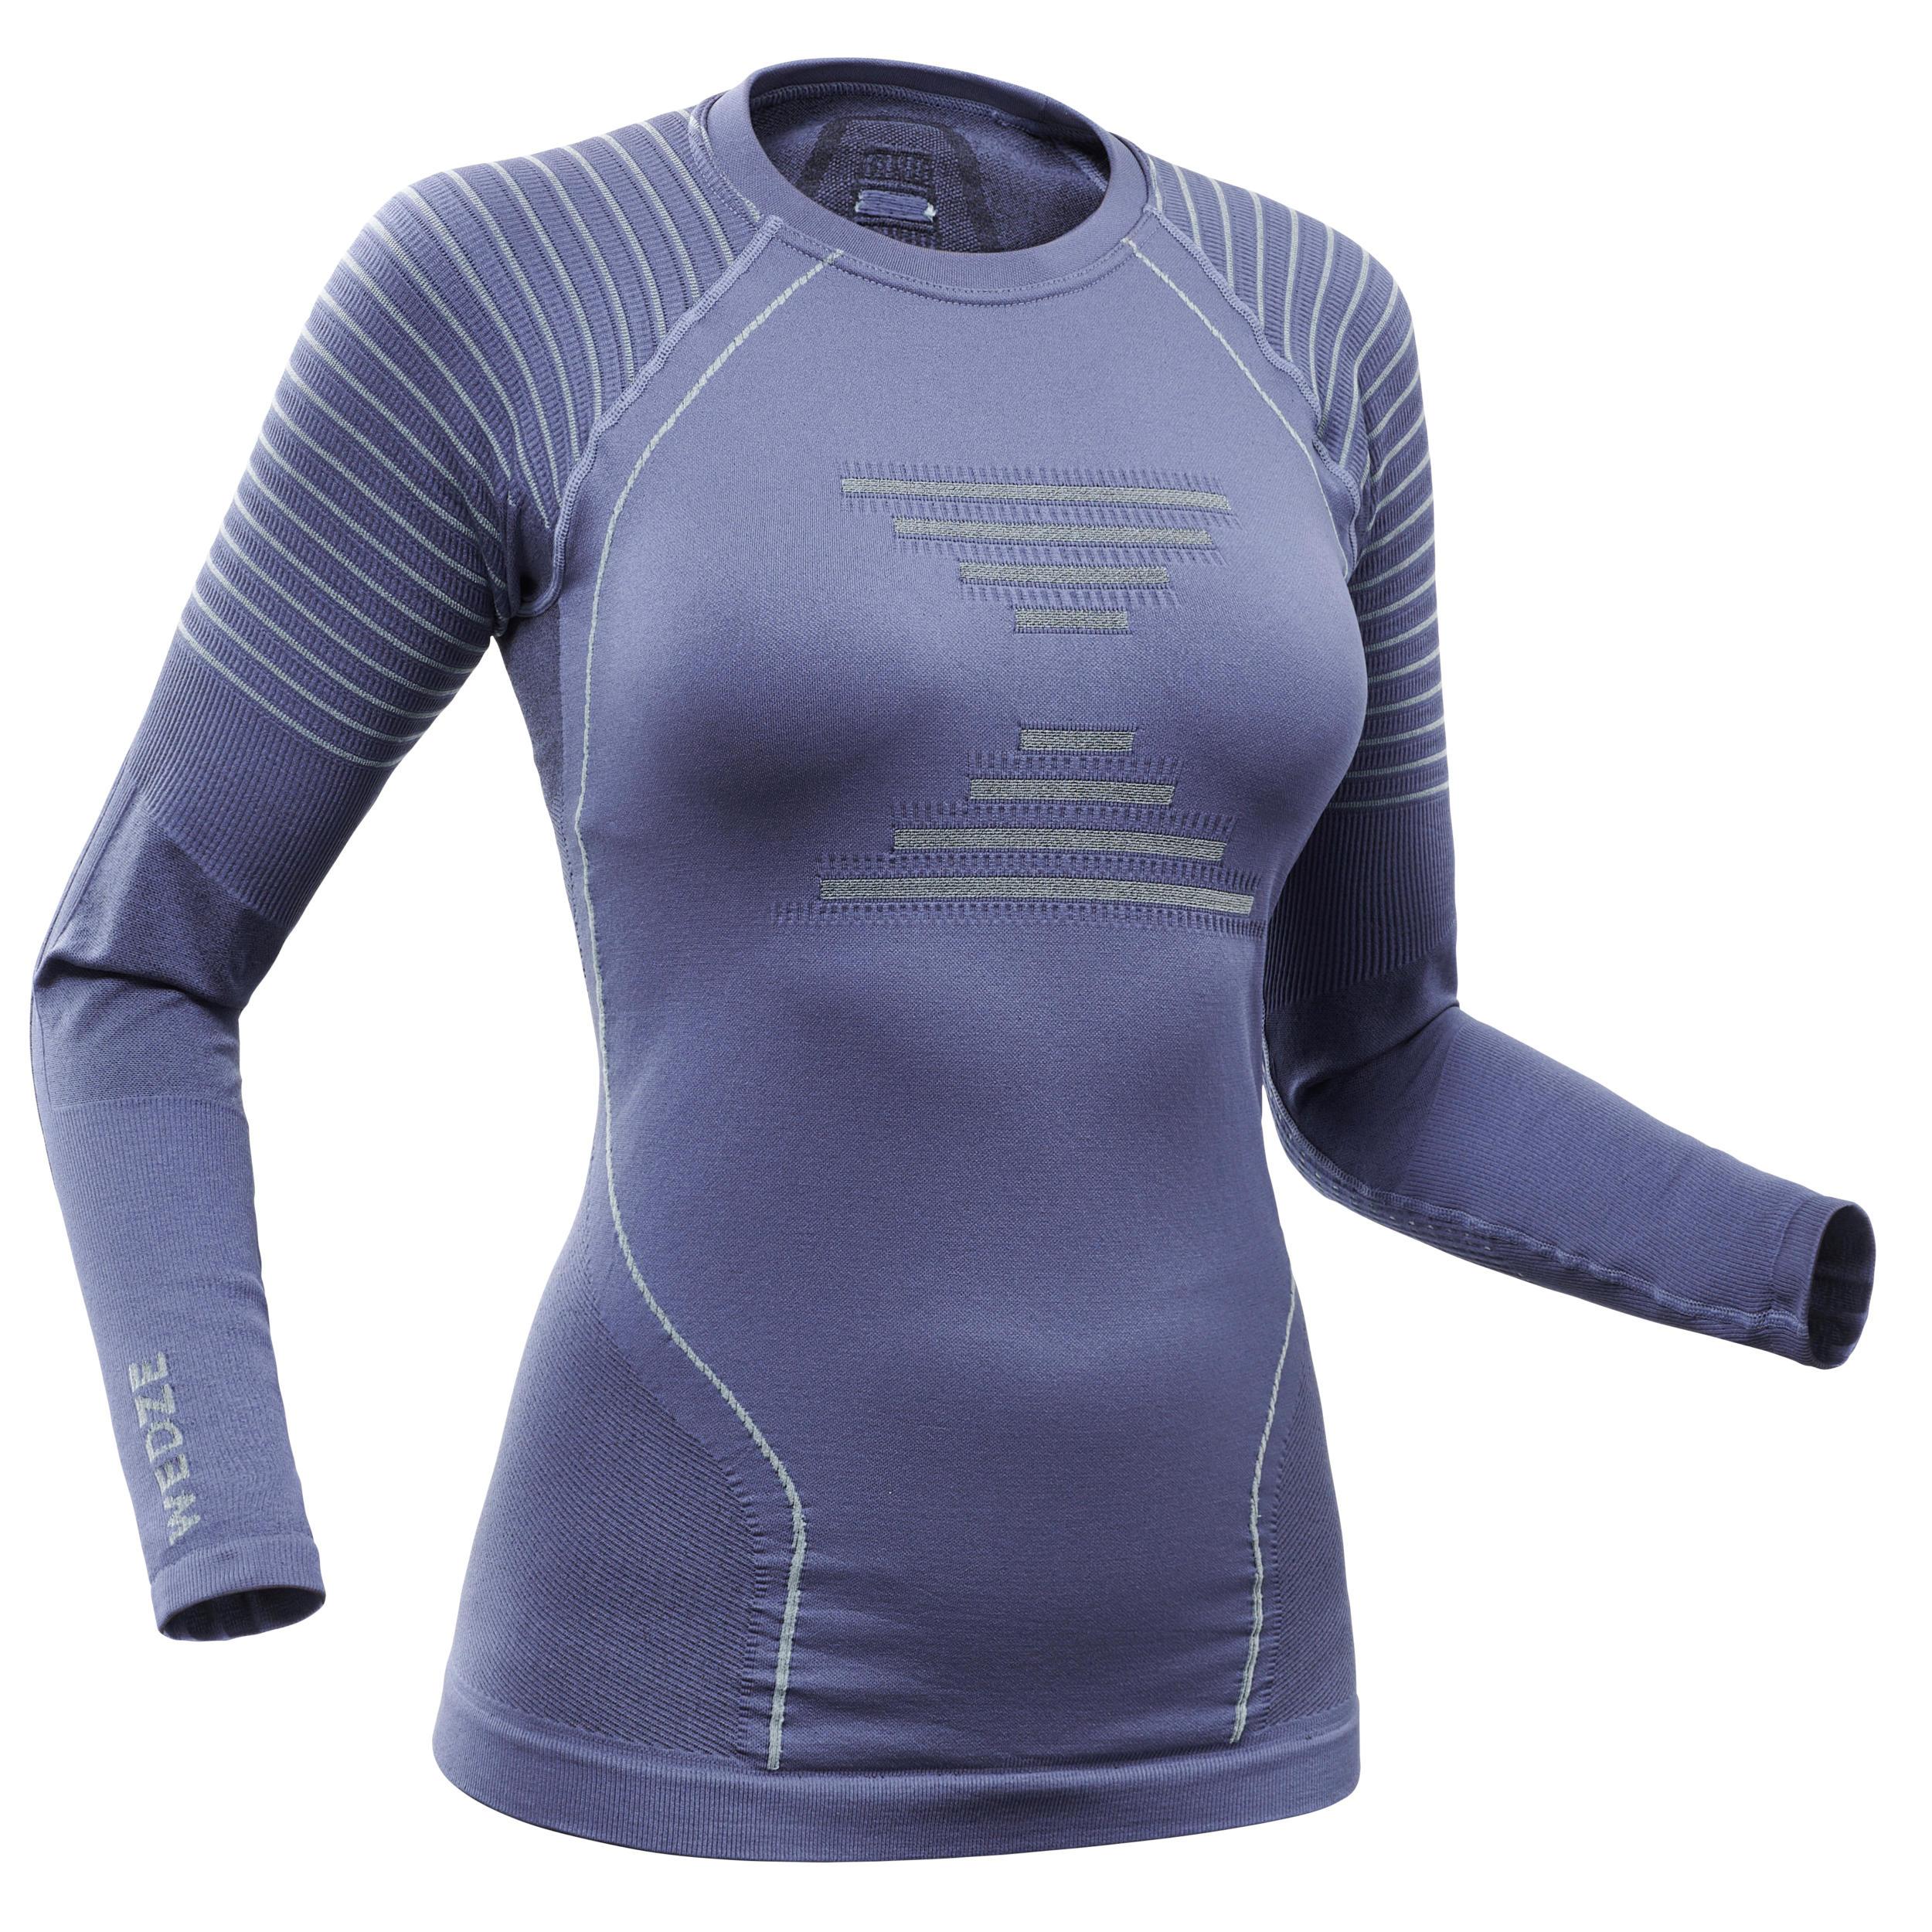 Skiunterhemd Funktionsshirt 900 Damen | Sportbekleidung > Funktionswäsche > Thermounterwäsche | Wedze